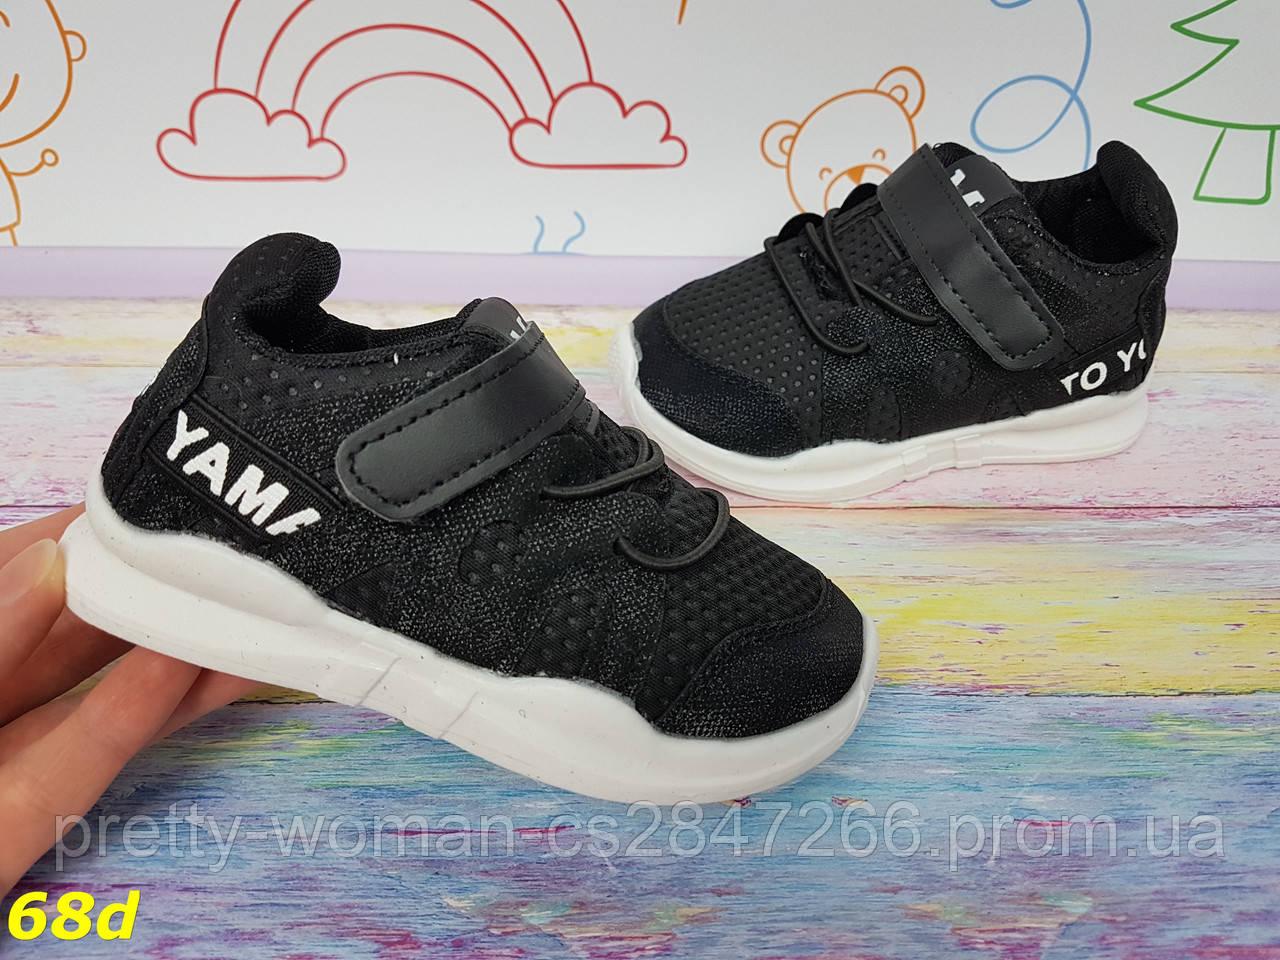 Дитячі кросівки хайтопы чорні дуже легкі і зручні 21-25 р